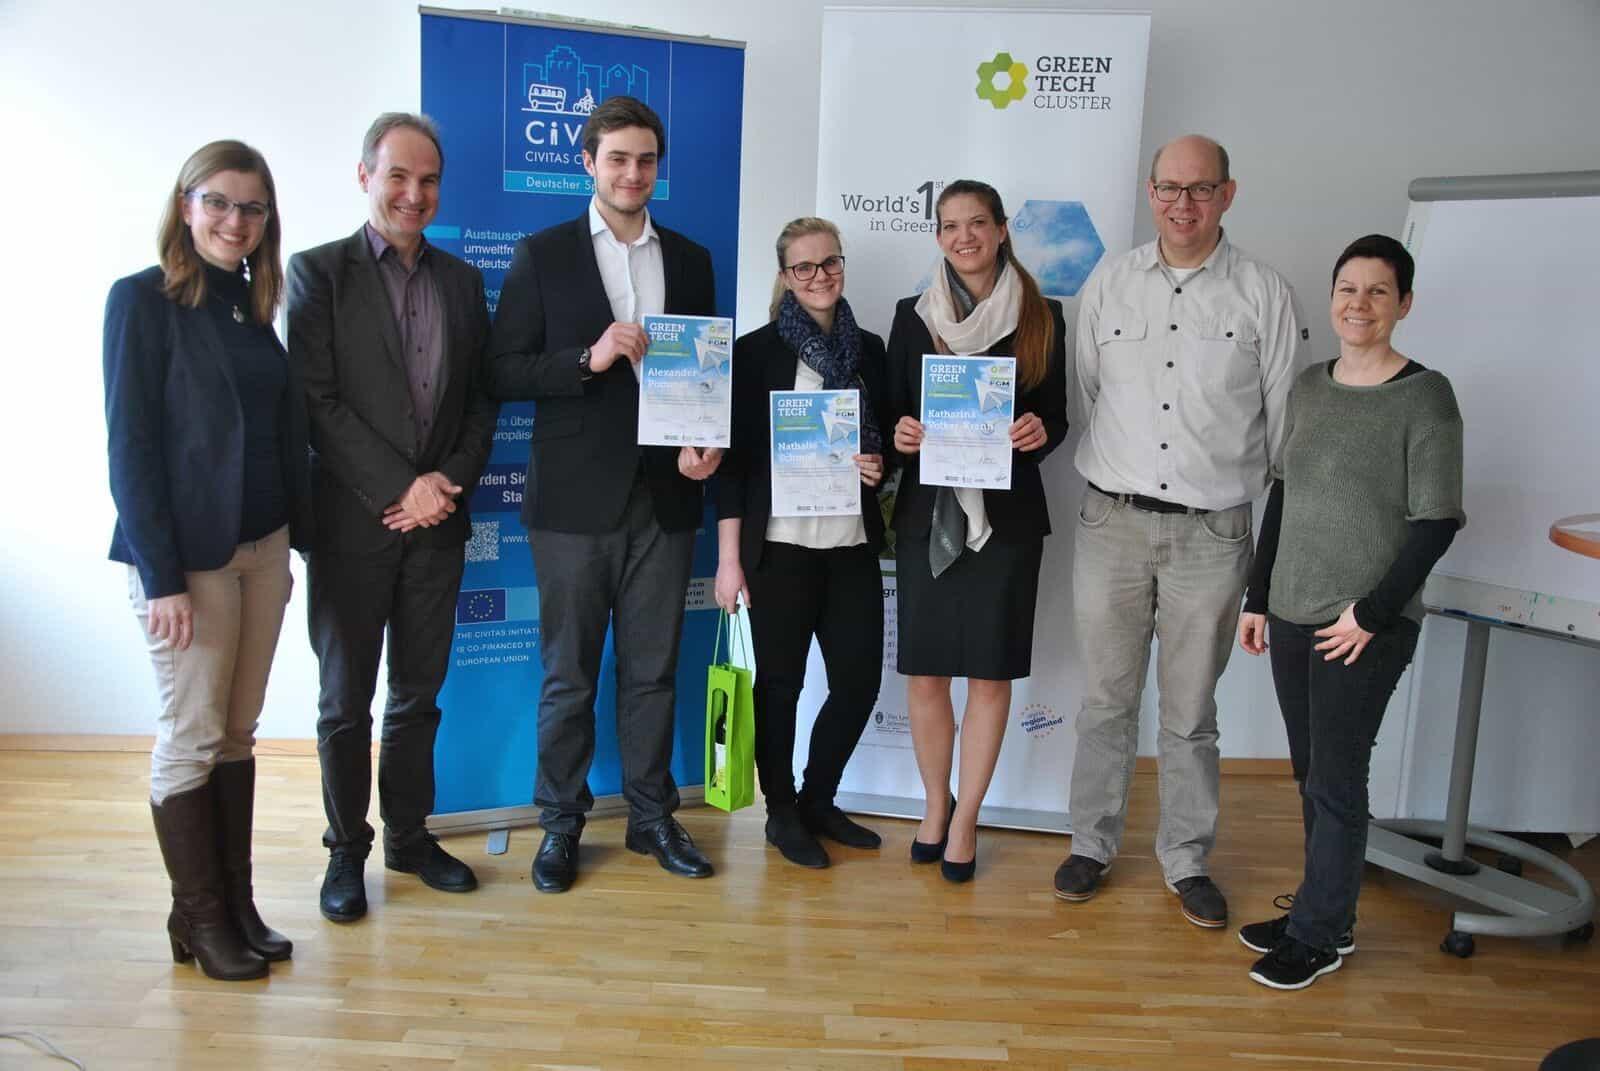 Das Projektteam gemeinsam mit Maria Ortner, Karl-Heinz Posch, Martijn Kiers und Tina Sovec.